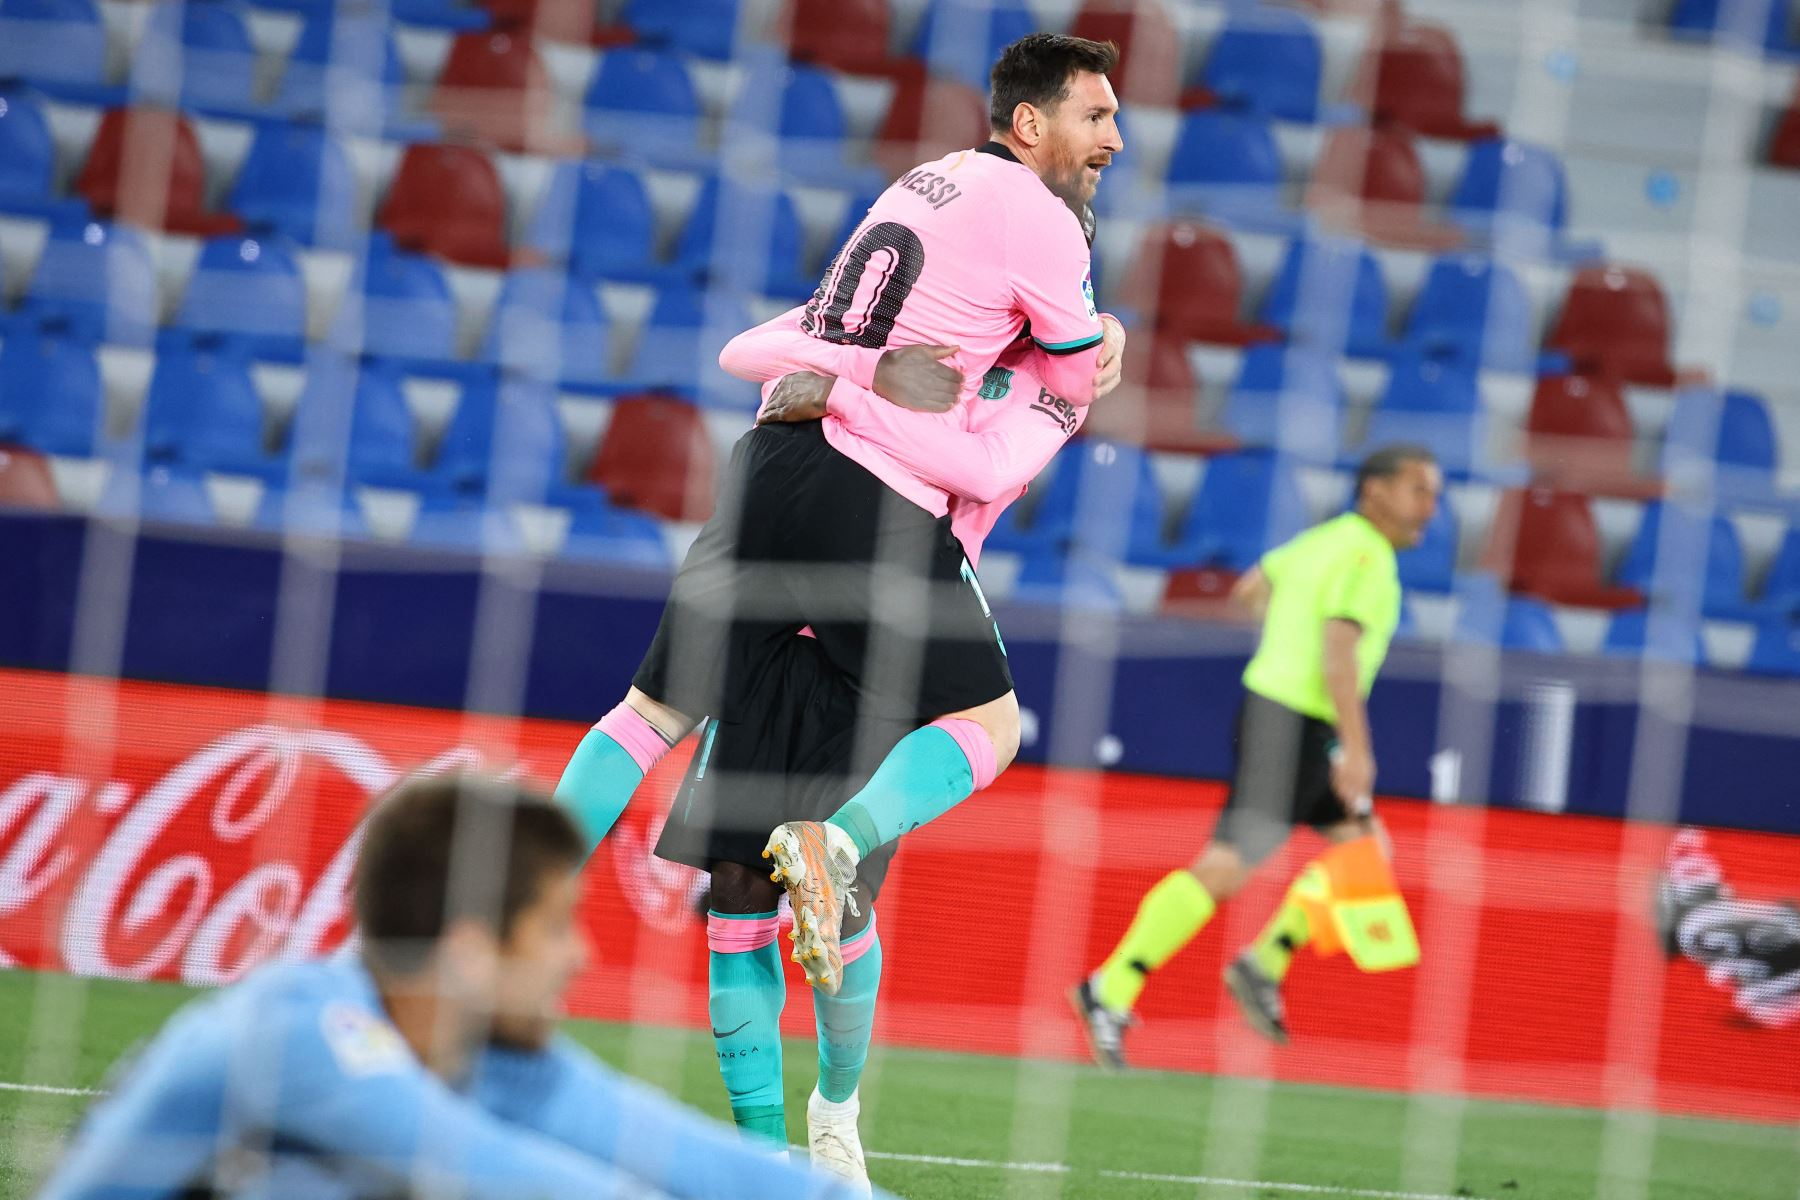 El delantero argentino del Barcelona Lionel Messi  celebra tras anotar durante el partido de fútbol de la liga española Levante UD contra el FC Barcelona. Foto: AFP